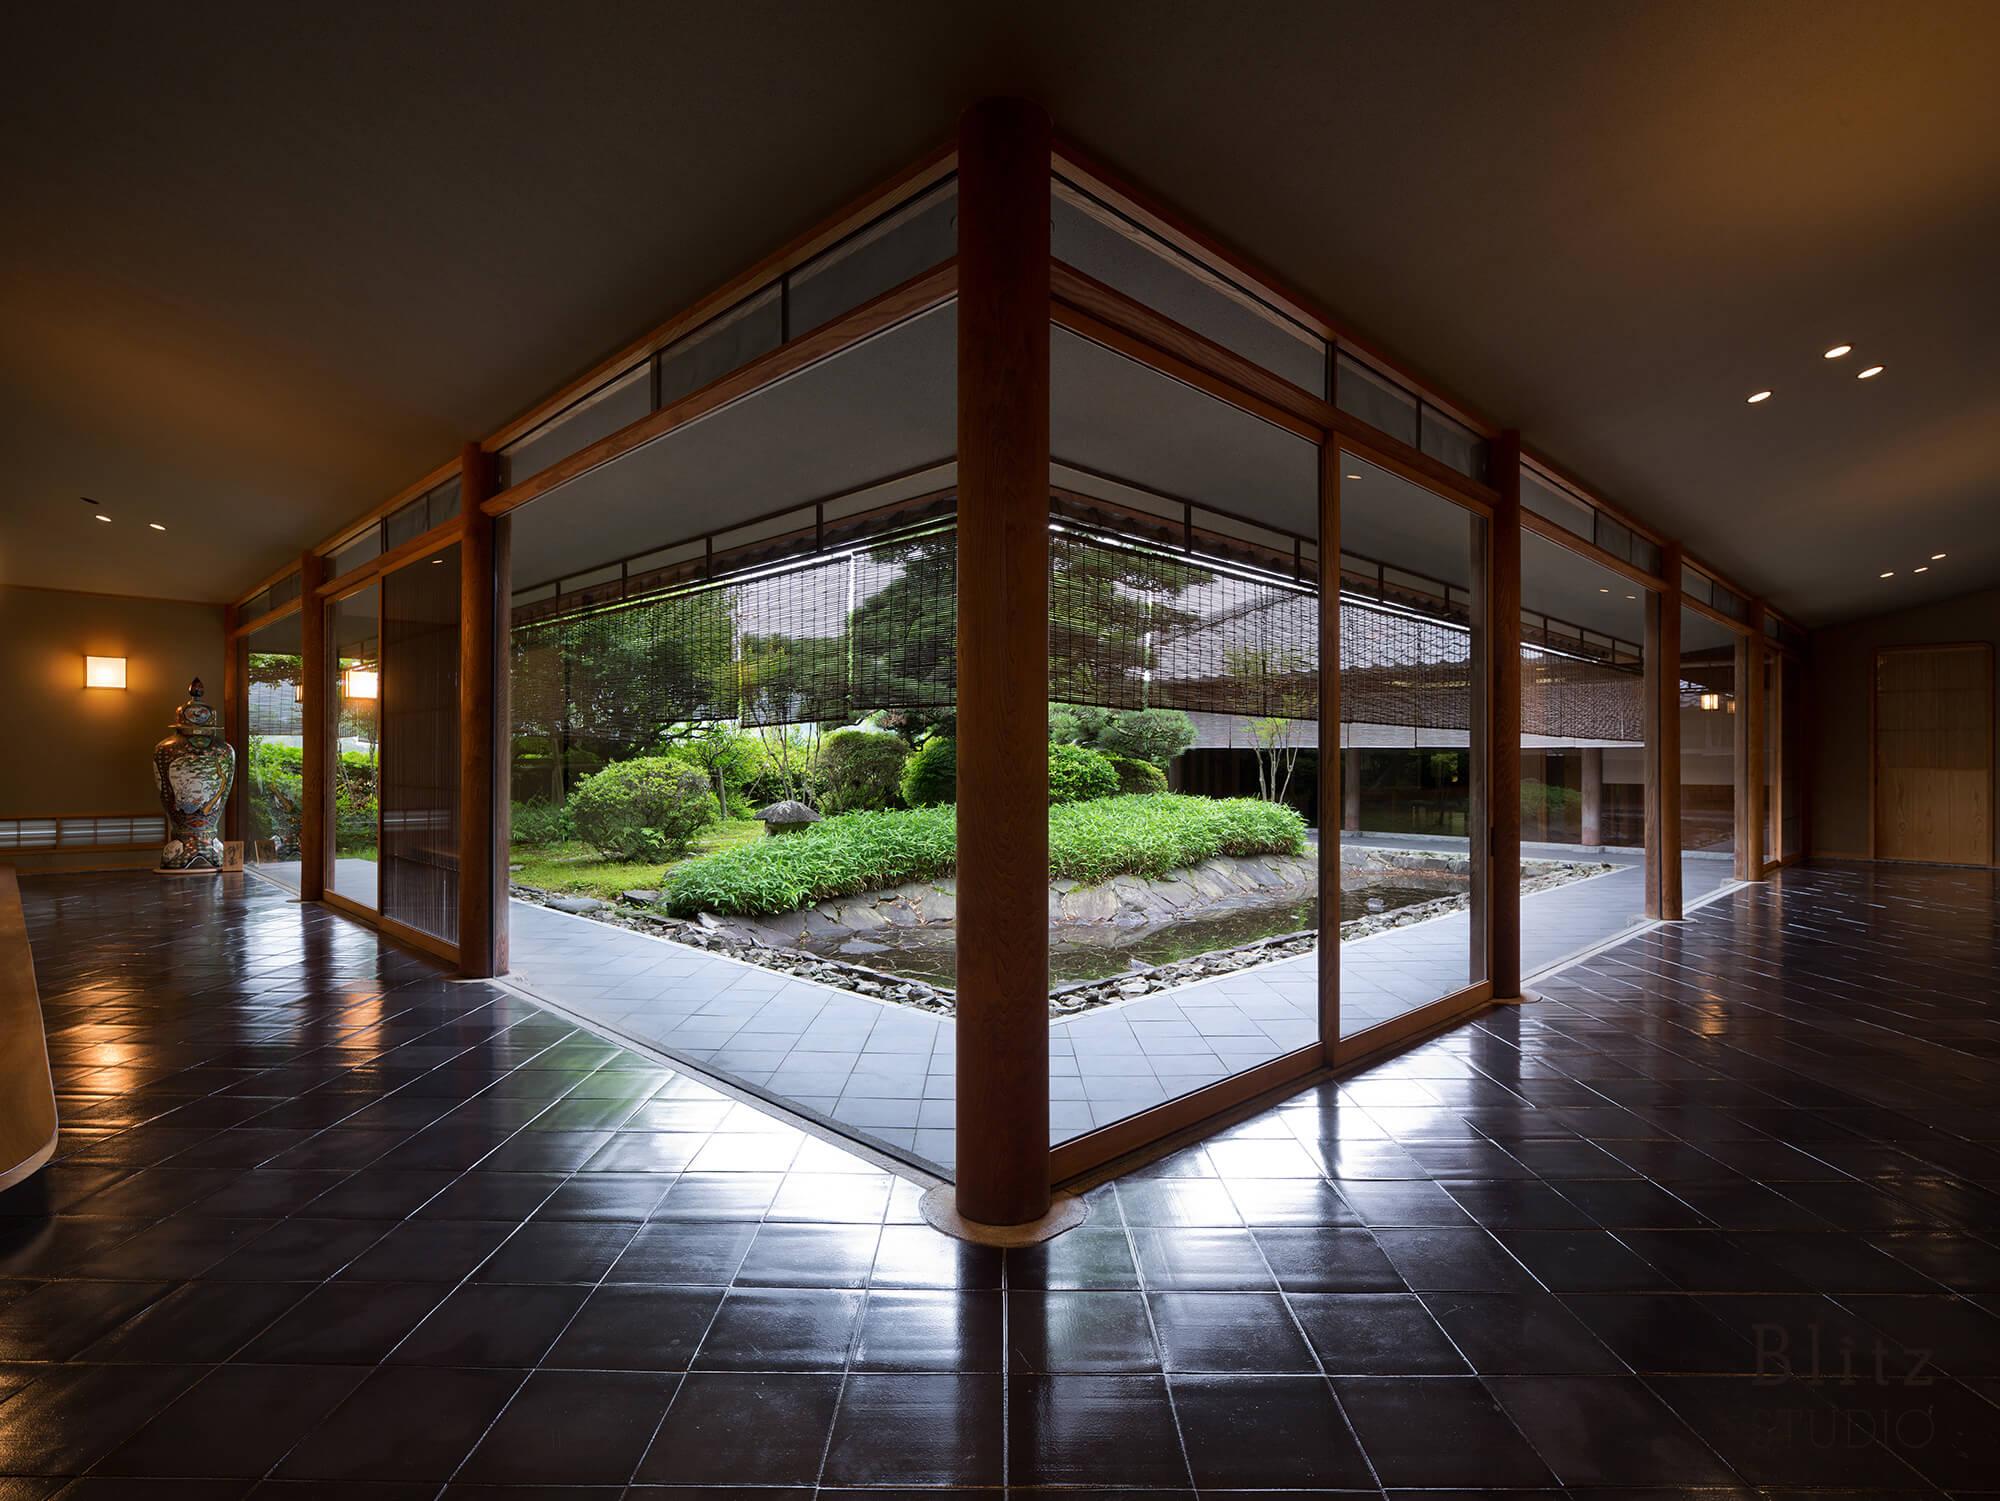 『宗像名残荘』建築写真・竣工写真・インテリア写真32